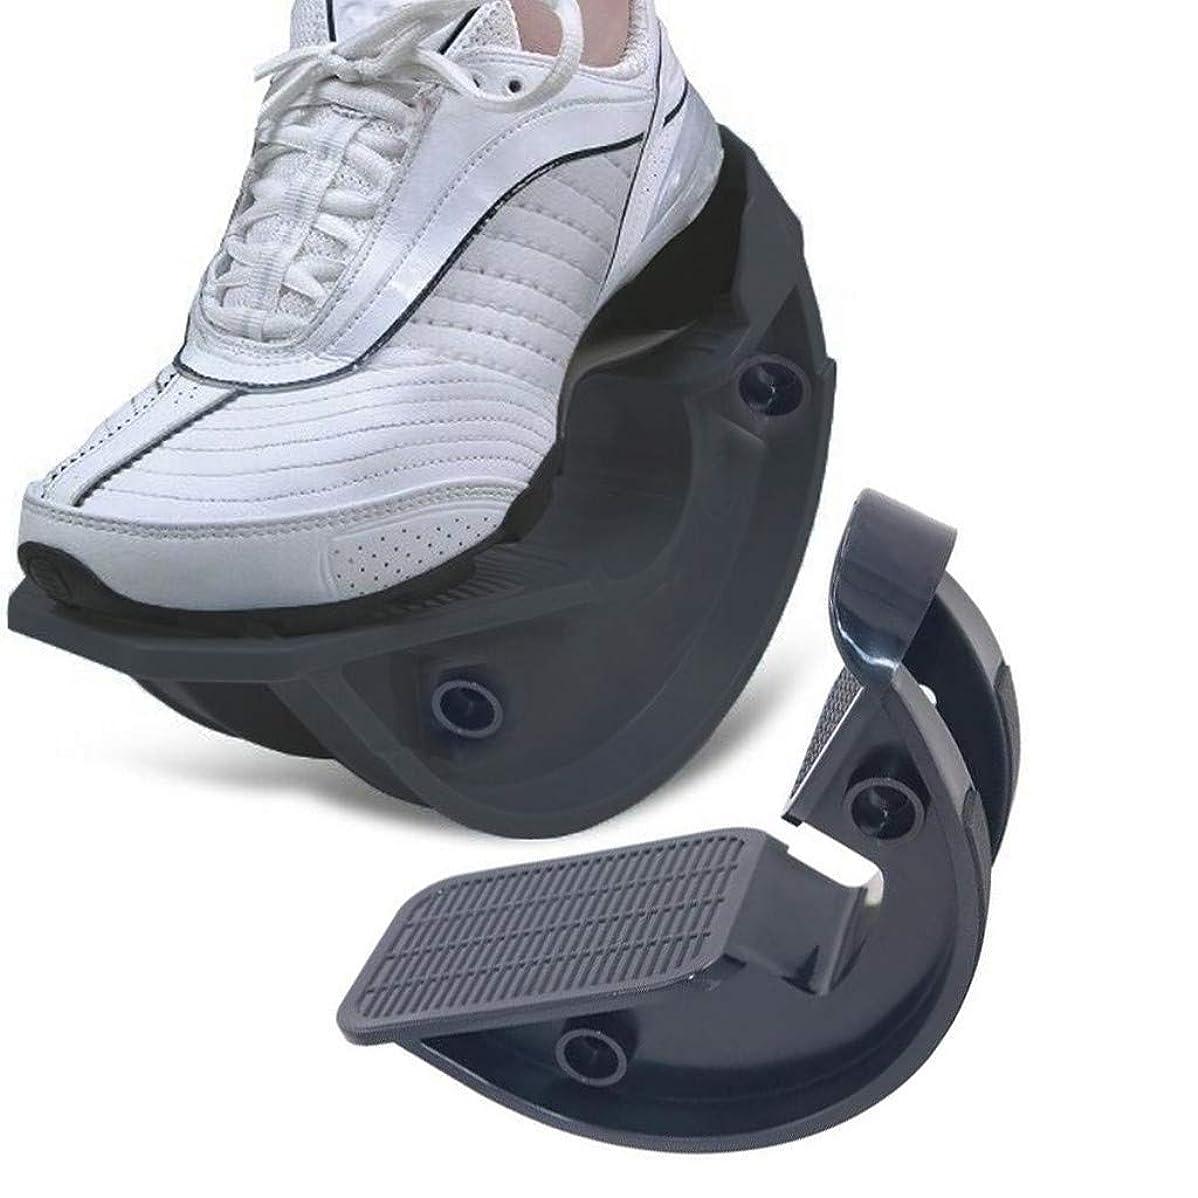 プロ ストレッチ プラス ストレッチングボード フットロッカー 傾斜板 バランスボード アキレス エクササイズ 足つぼ 体幹 運動 (ブラック)